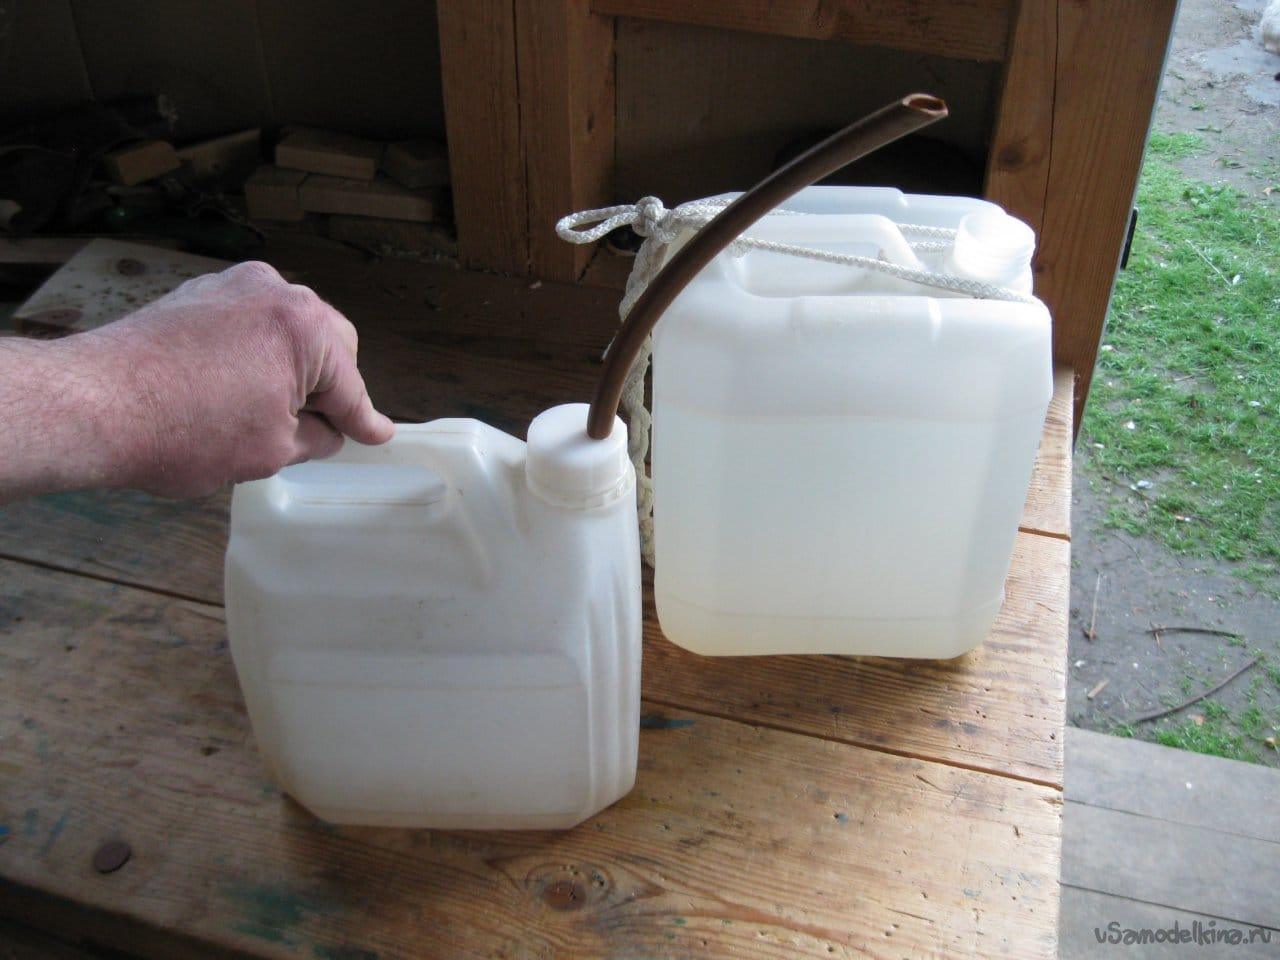 Две самодельные лейки из пластиковых канистр для полива рассады